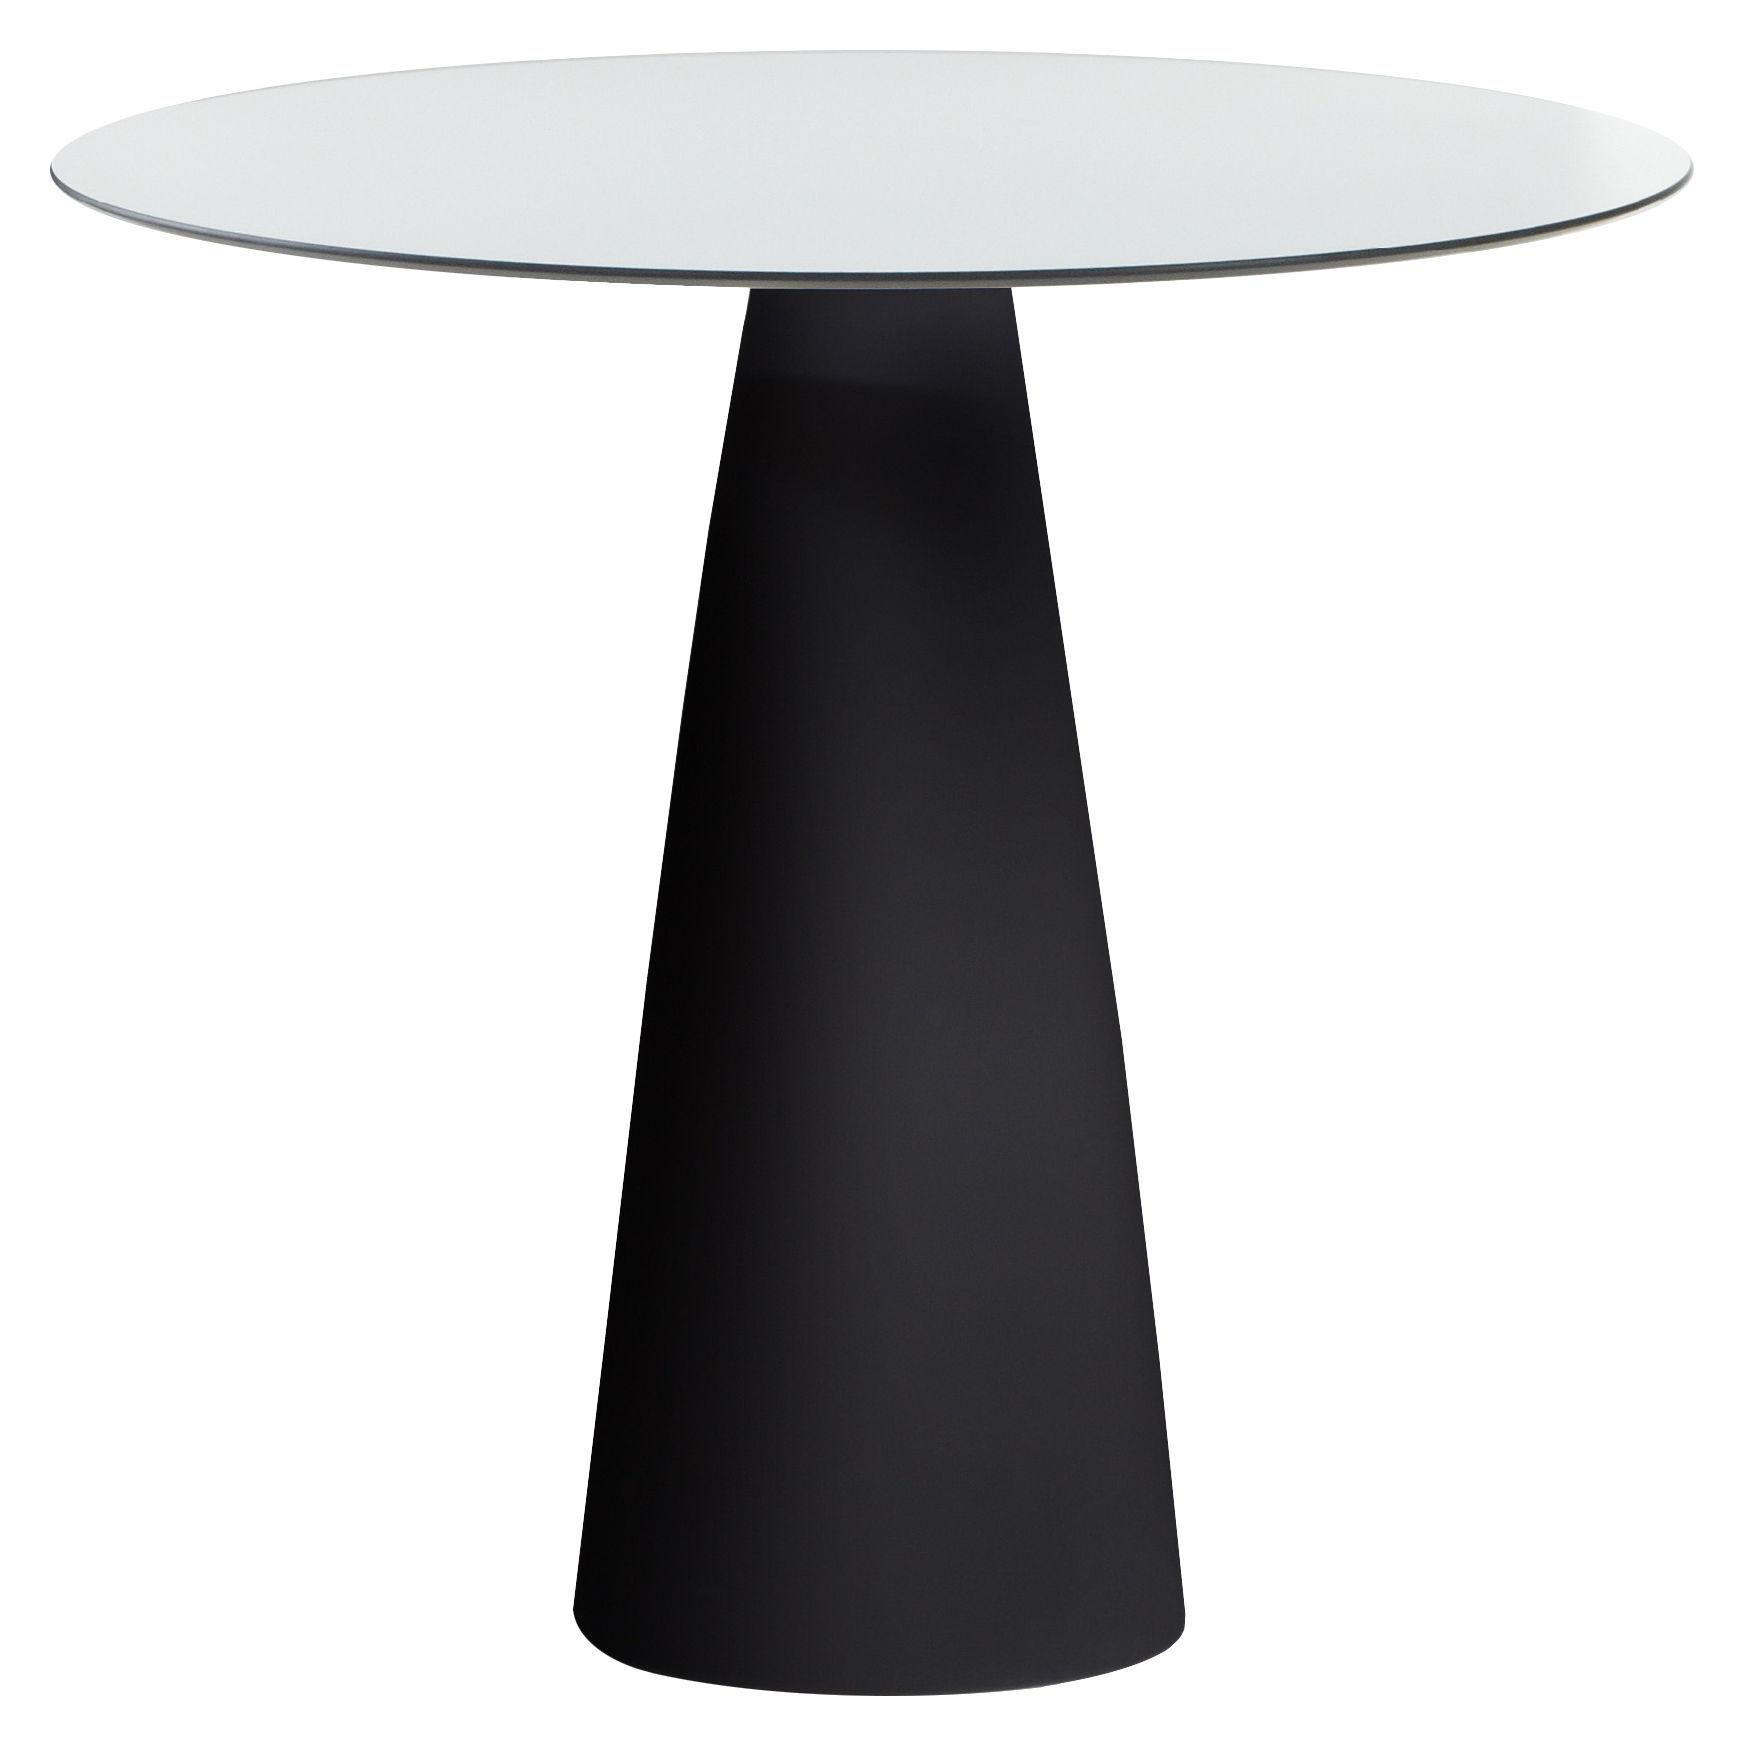 Outdoor - Tables de jardin - Table ronde Hoplà - H 72 cm / Ø 79 cm - Slide - Ø 79 cm / Blanc & pied noir - HPL stratifié, Polyéthylène recyclable